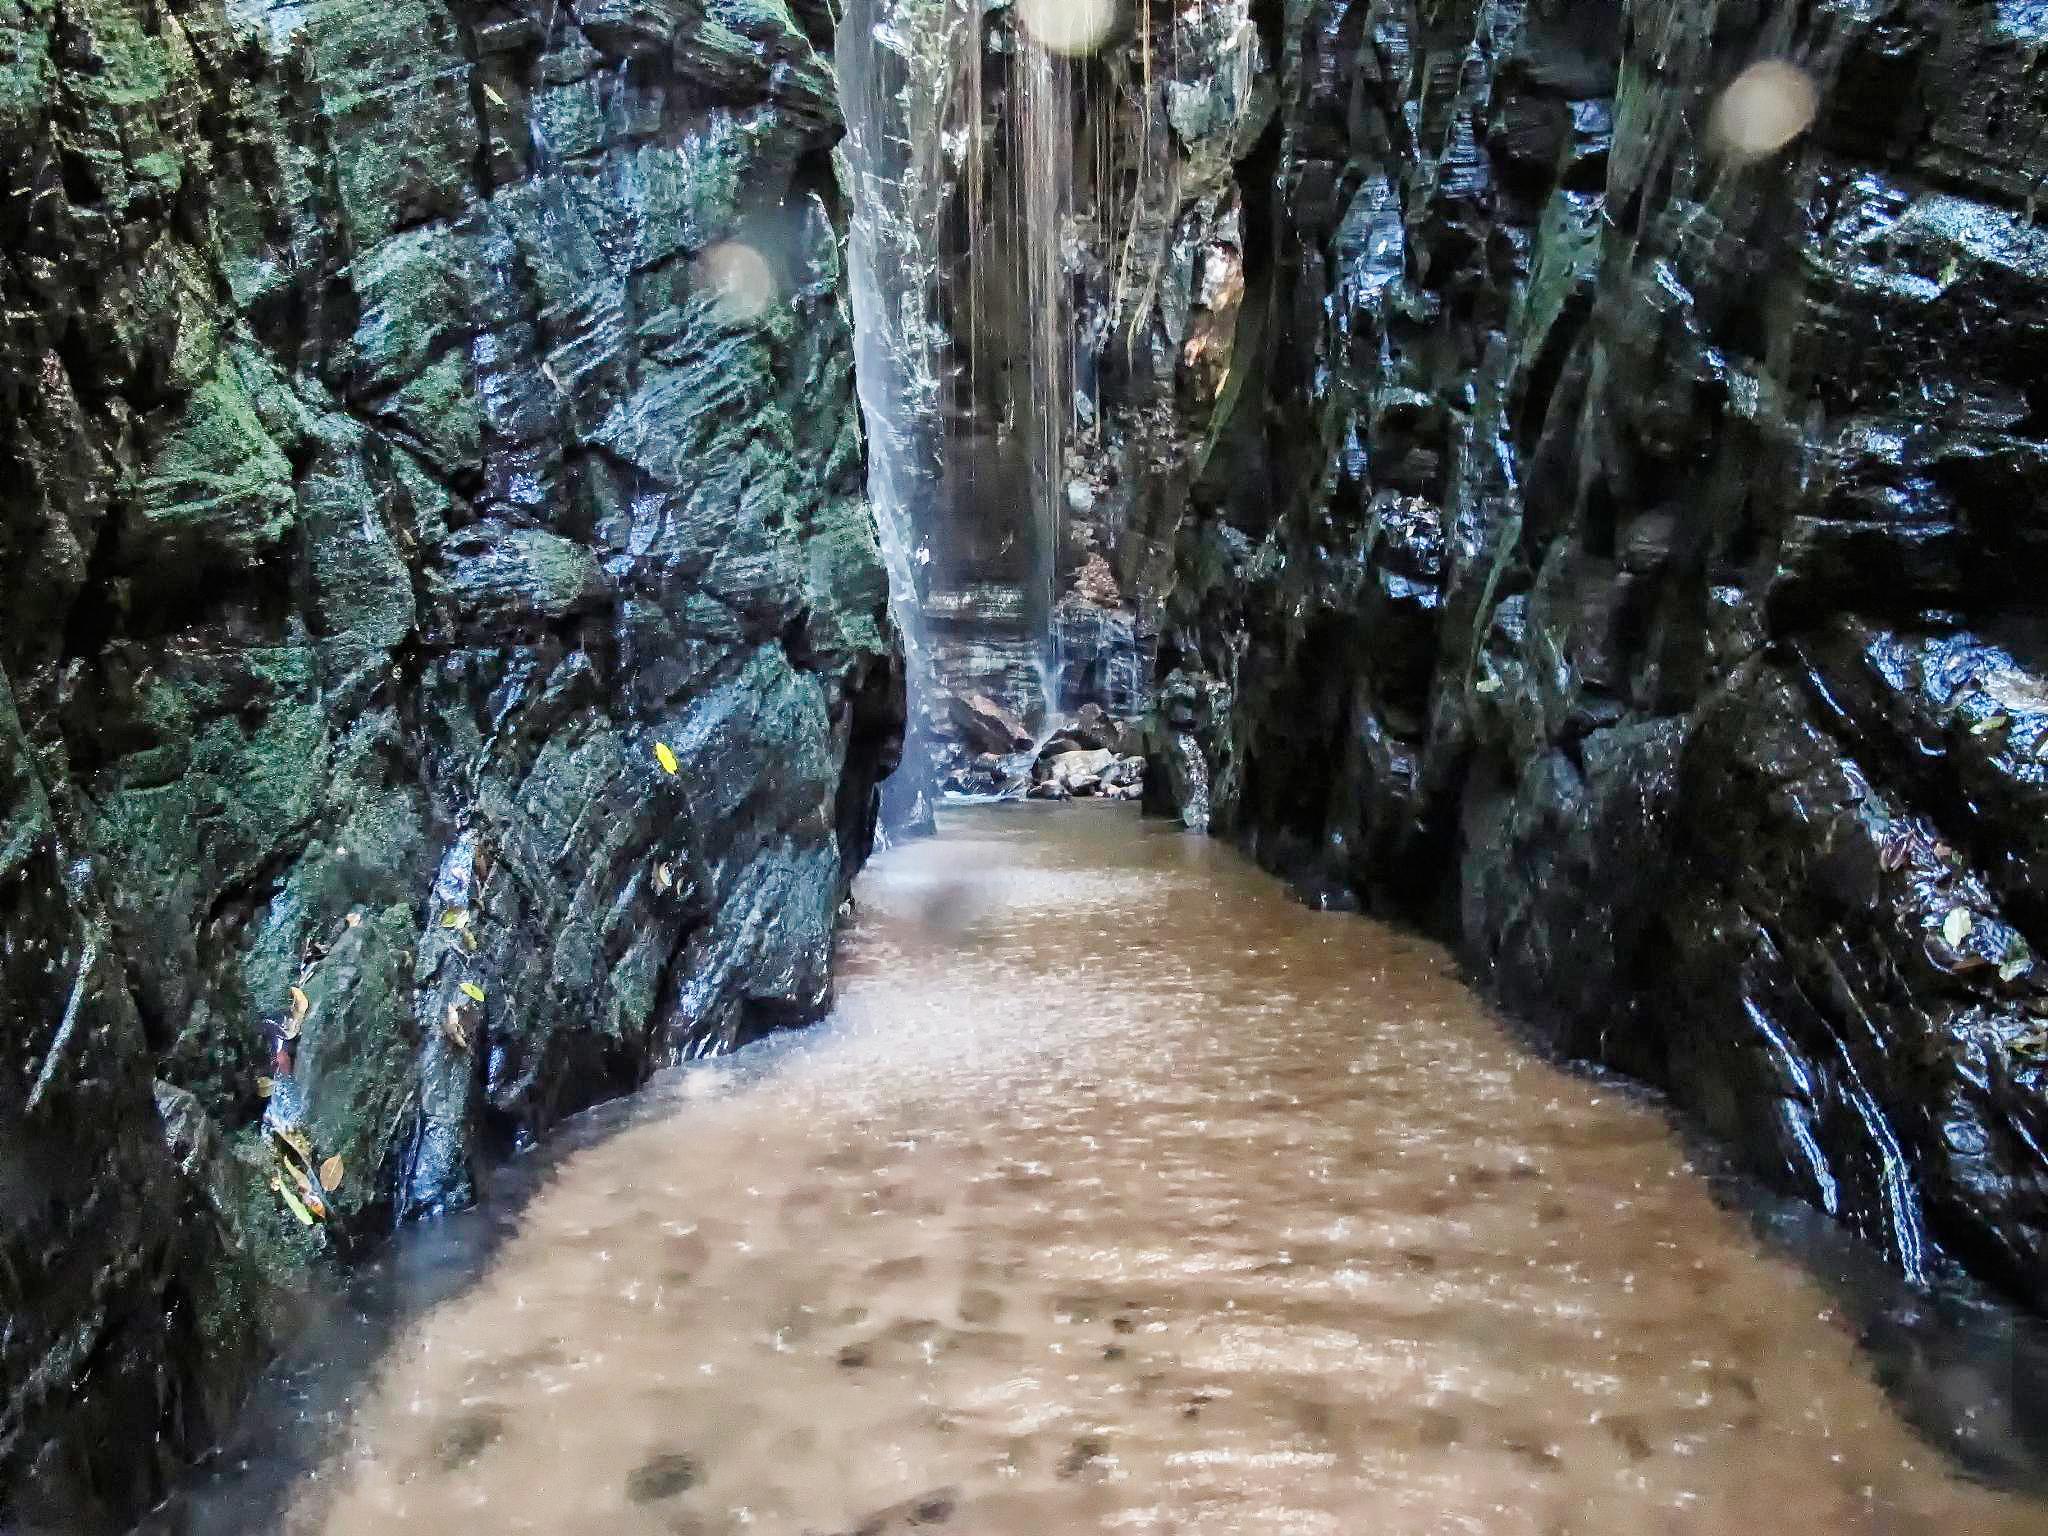 Pedra Caída - cachoeira no meio de um cânion de pedras escuras, com corredor coberto de água até os joelhos, na Chapada das Mesas, Maranhão